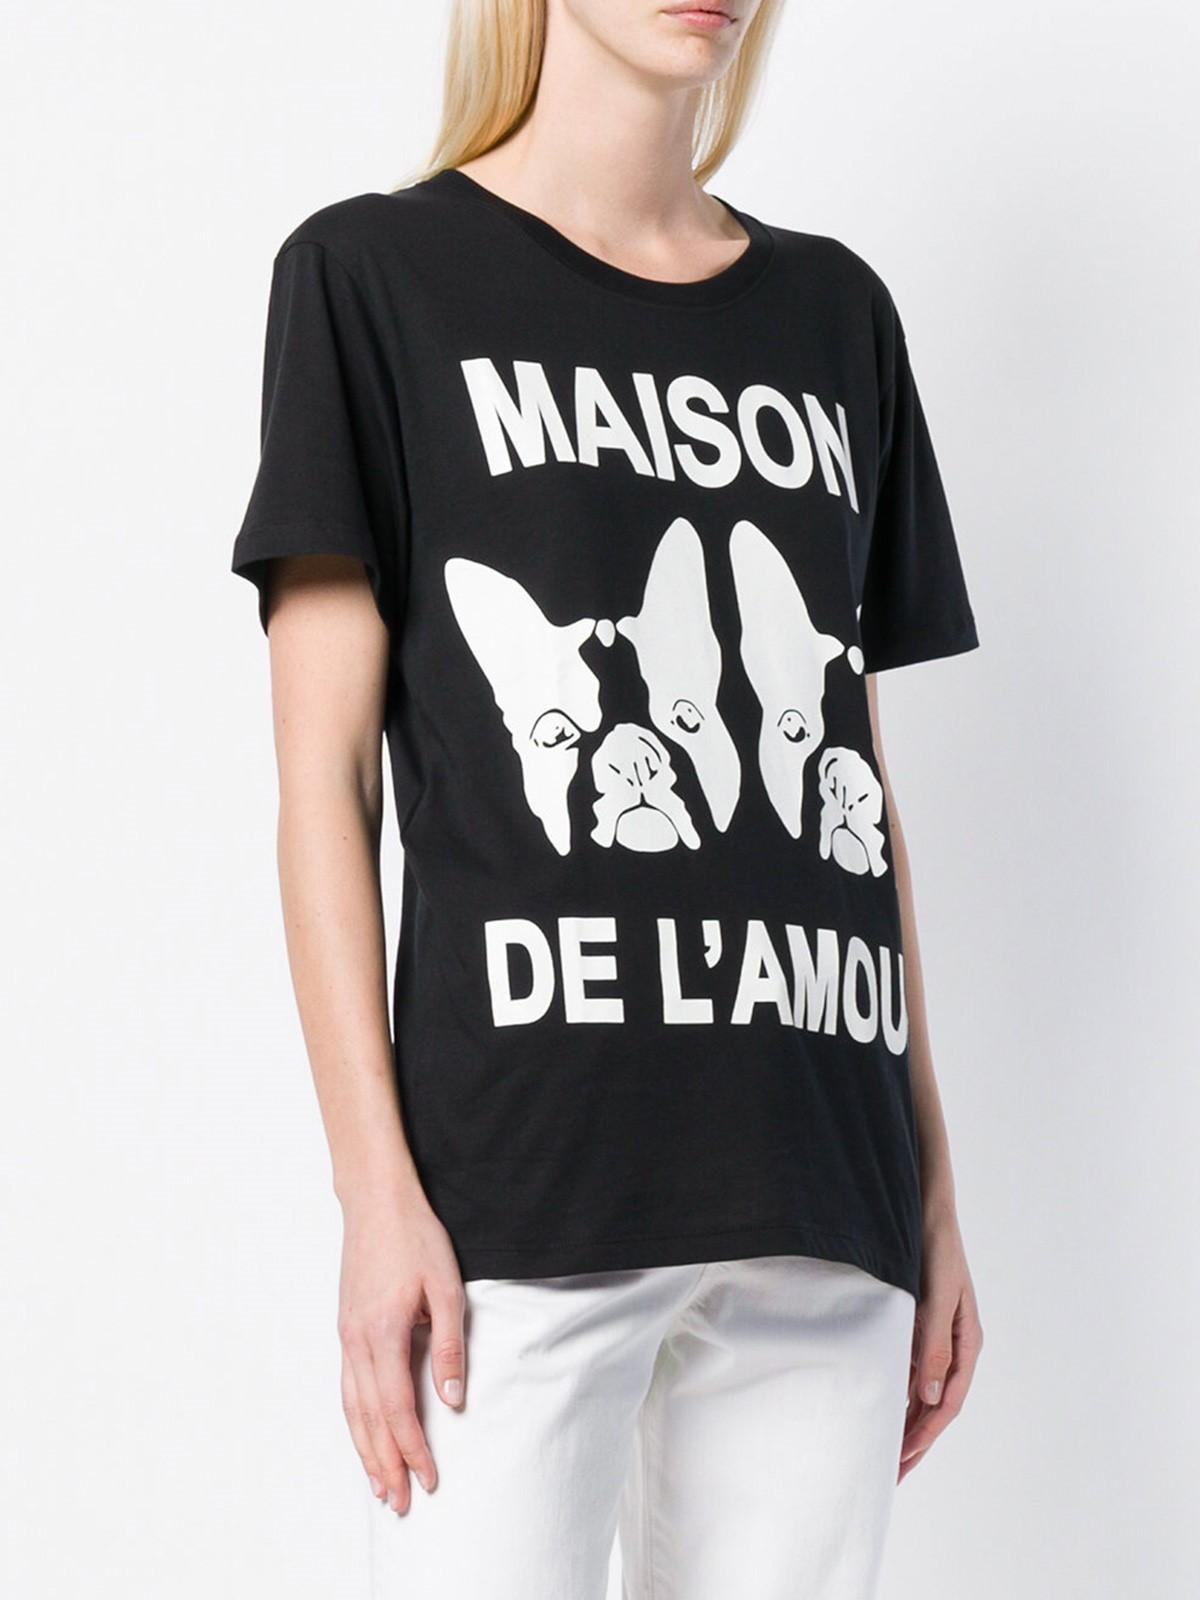 6d2abb445 gucci MAISON DE L`AMOUR T-SHIRT available on montiboutique.com - 22849